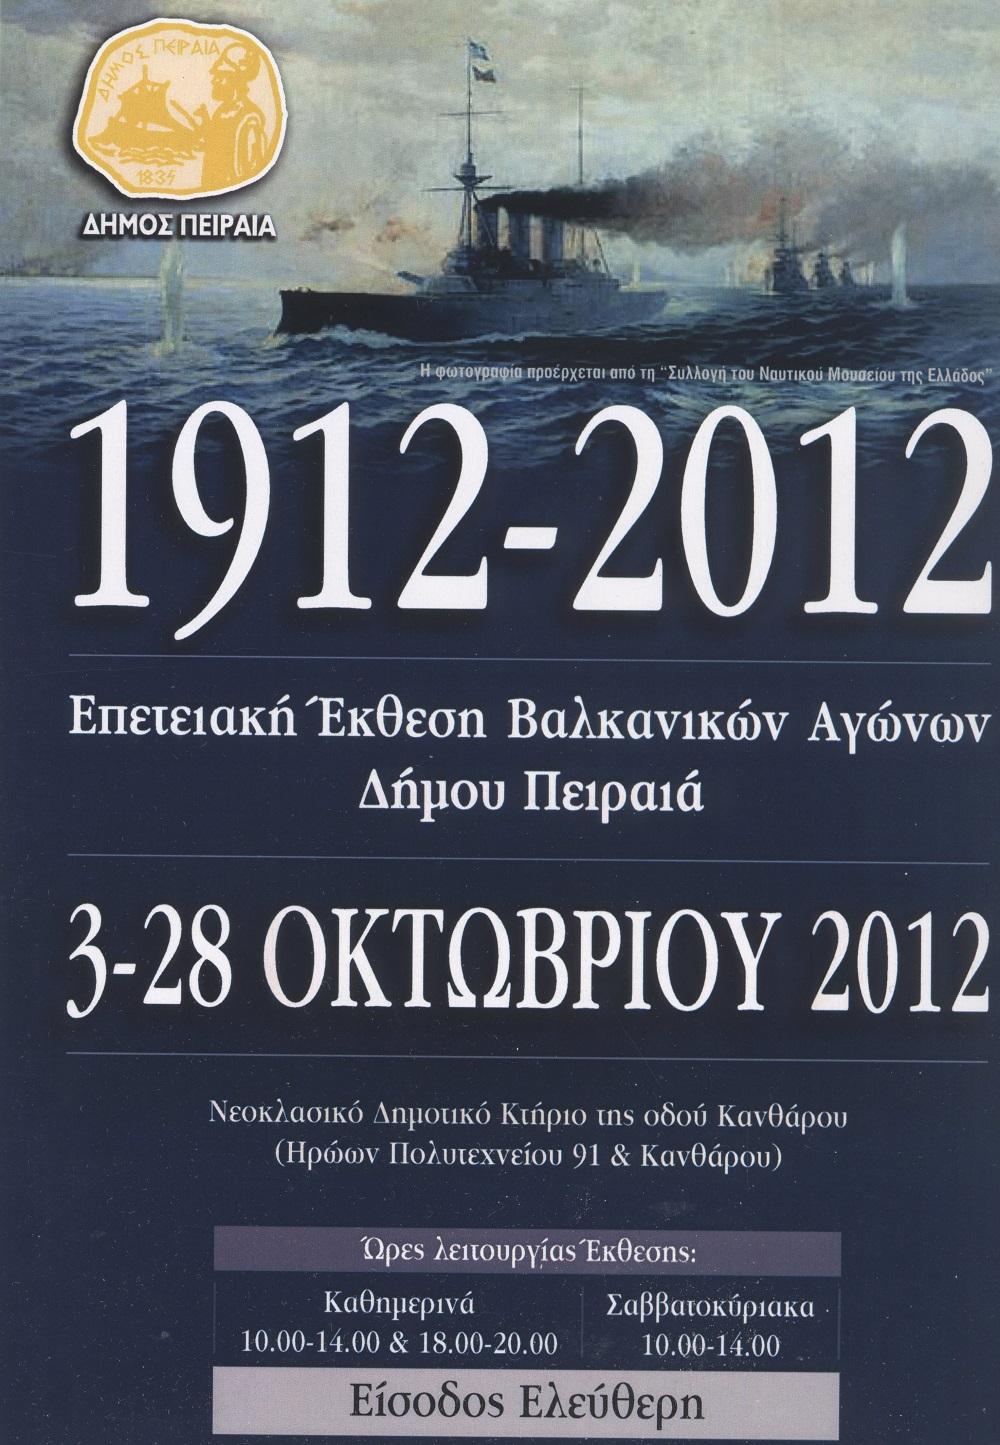 Επετειακή Έκθεση Βαλκανικών Αγώνων Δήμου Πειραιά